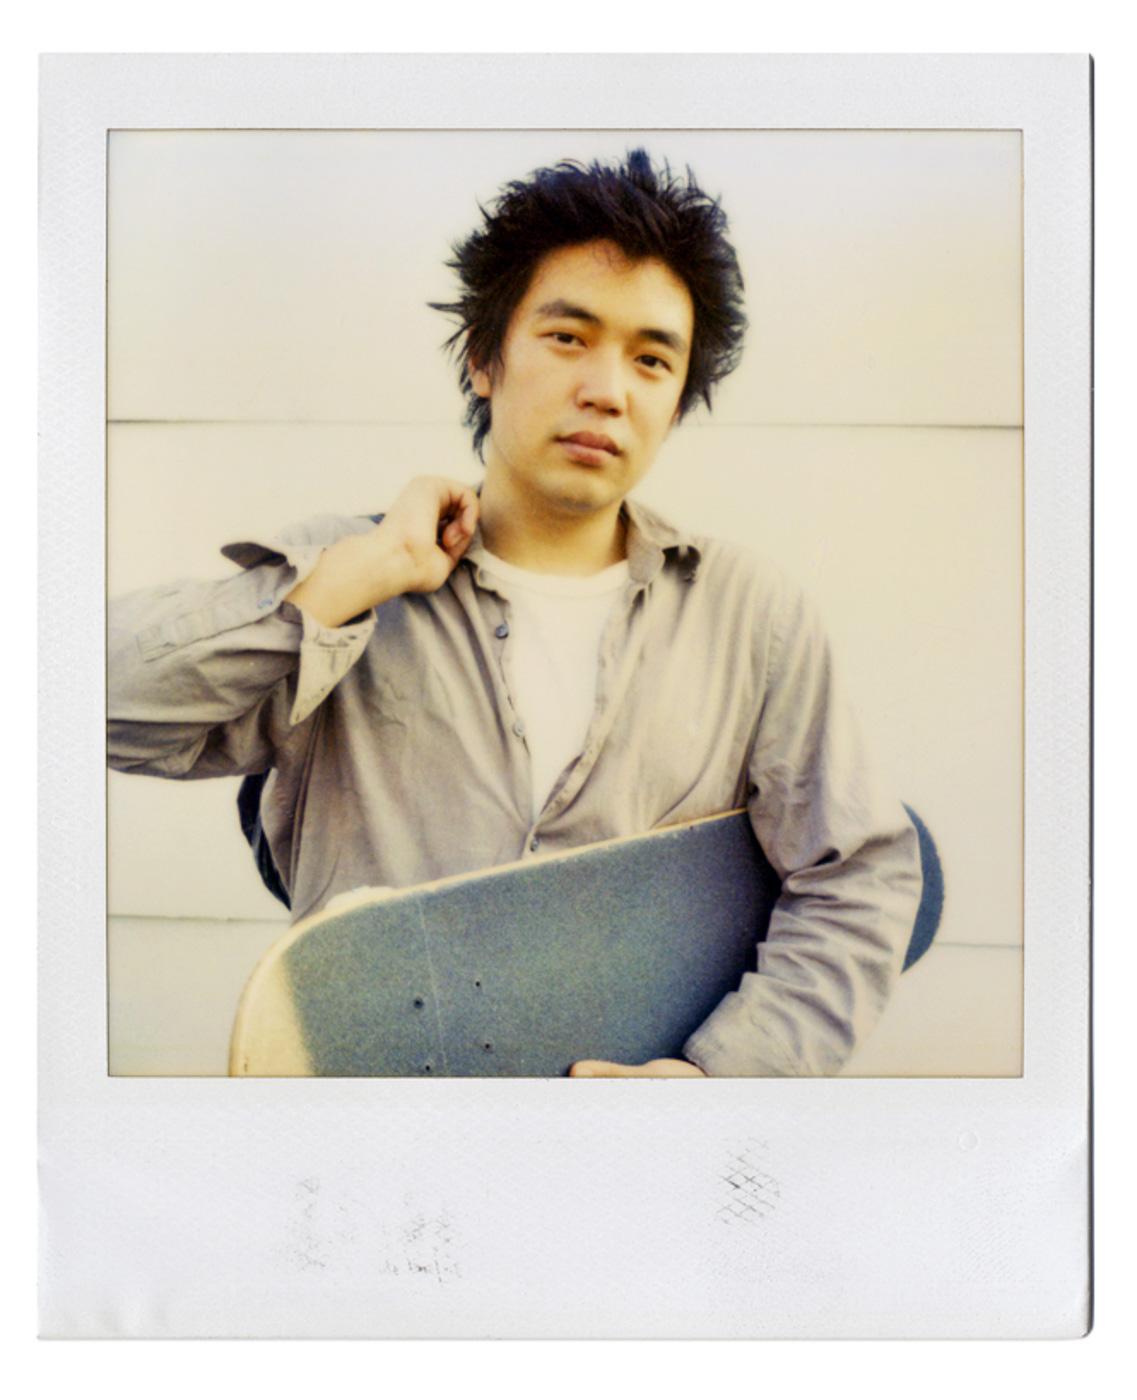 Kenji (6:16 PM) September 8, 2001